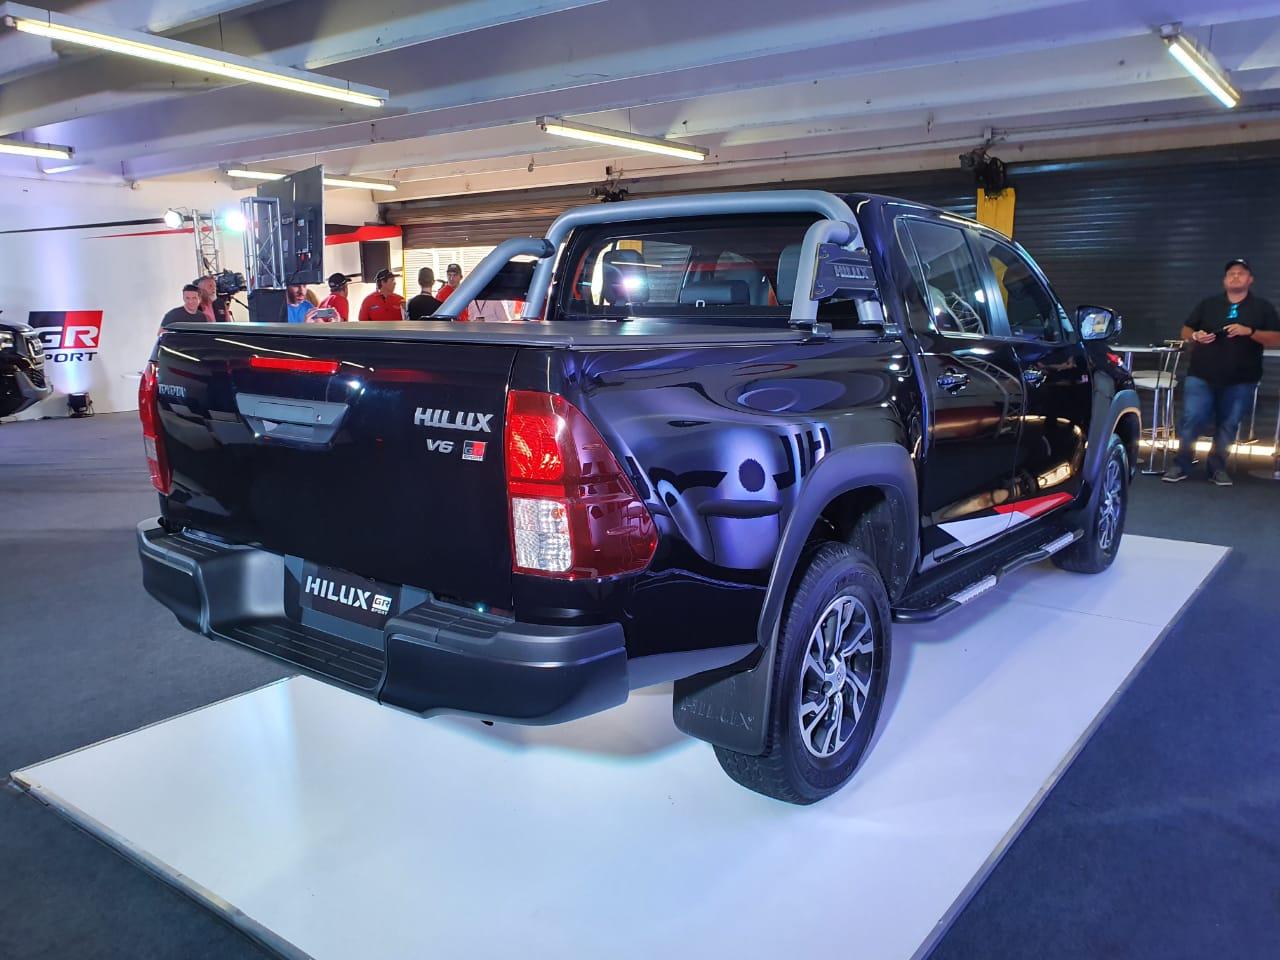 Hilux V6 de traseira